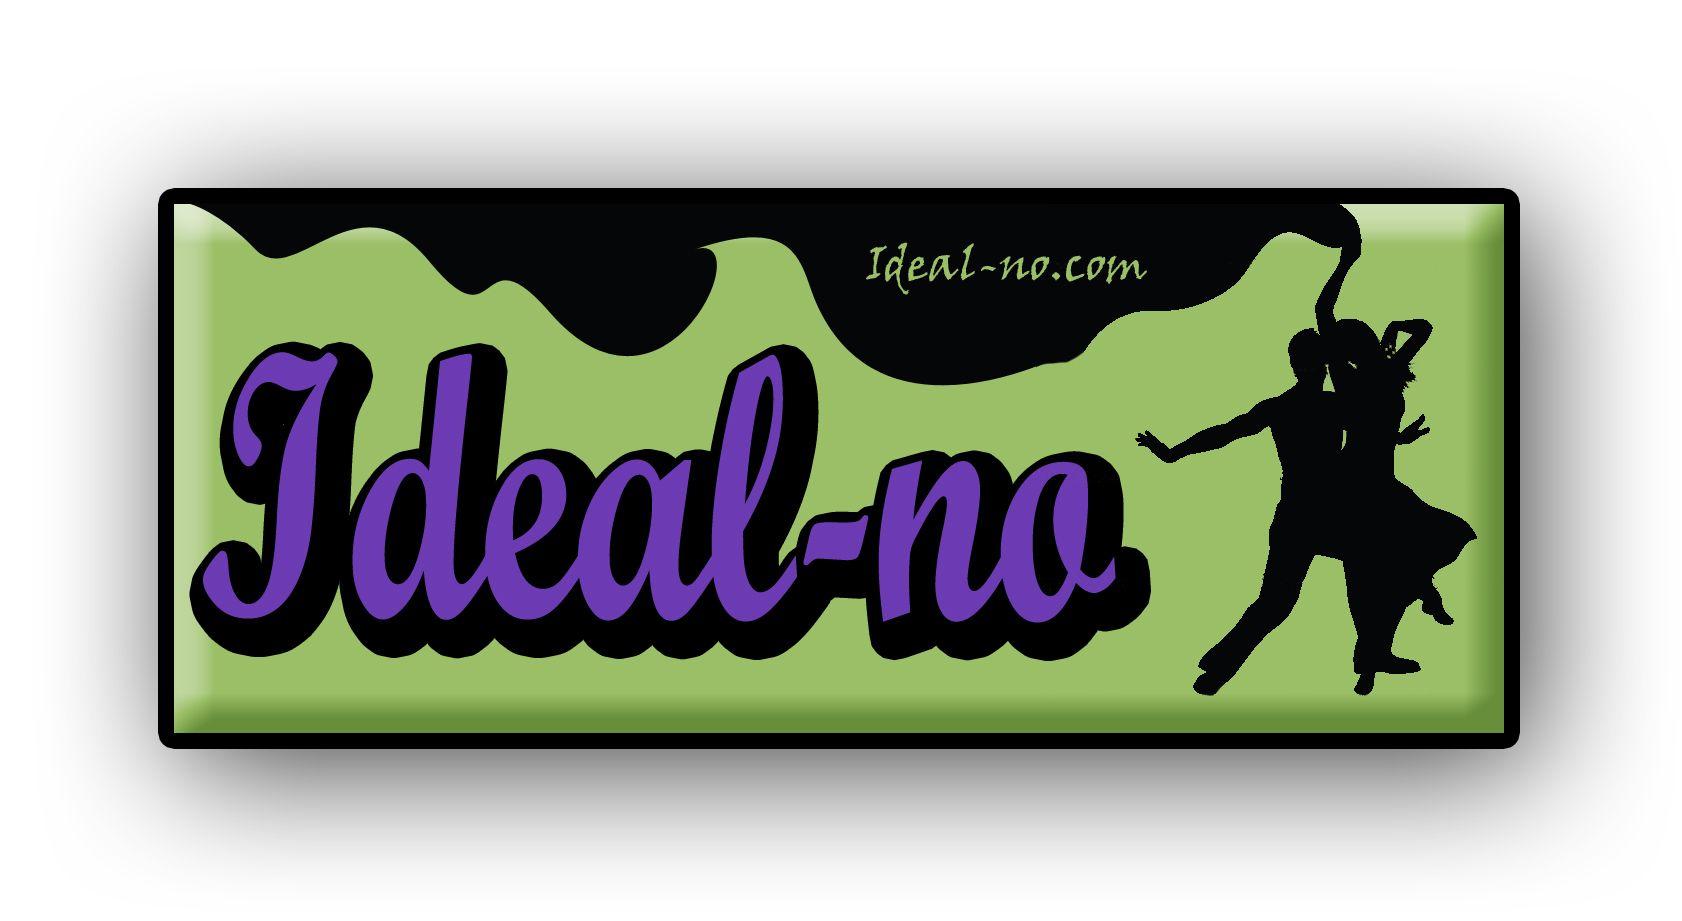 Логотип ideal-no.com - дизайнер Pani_Lita